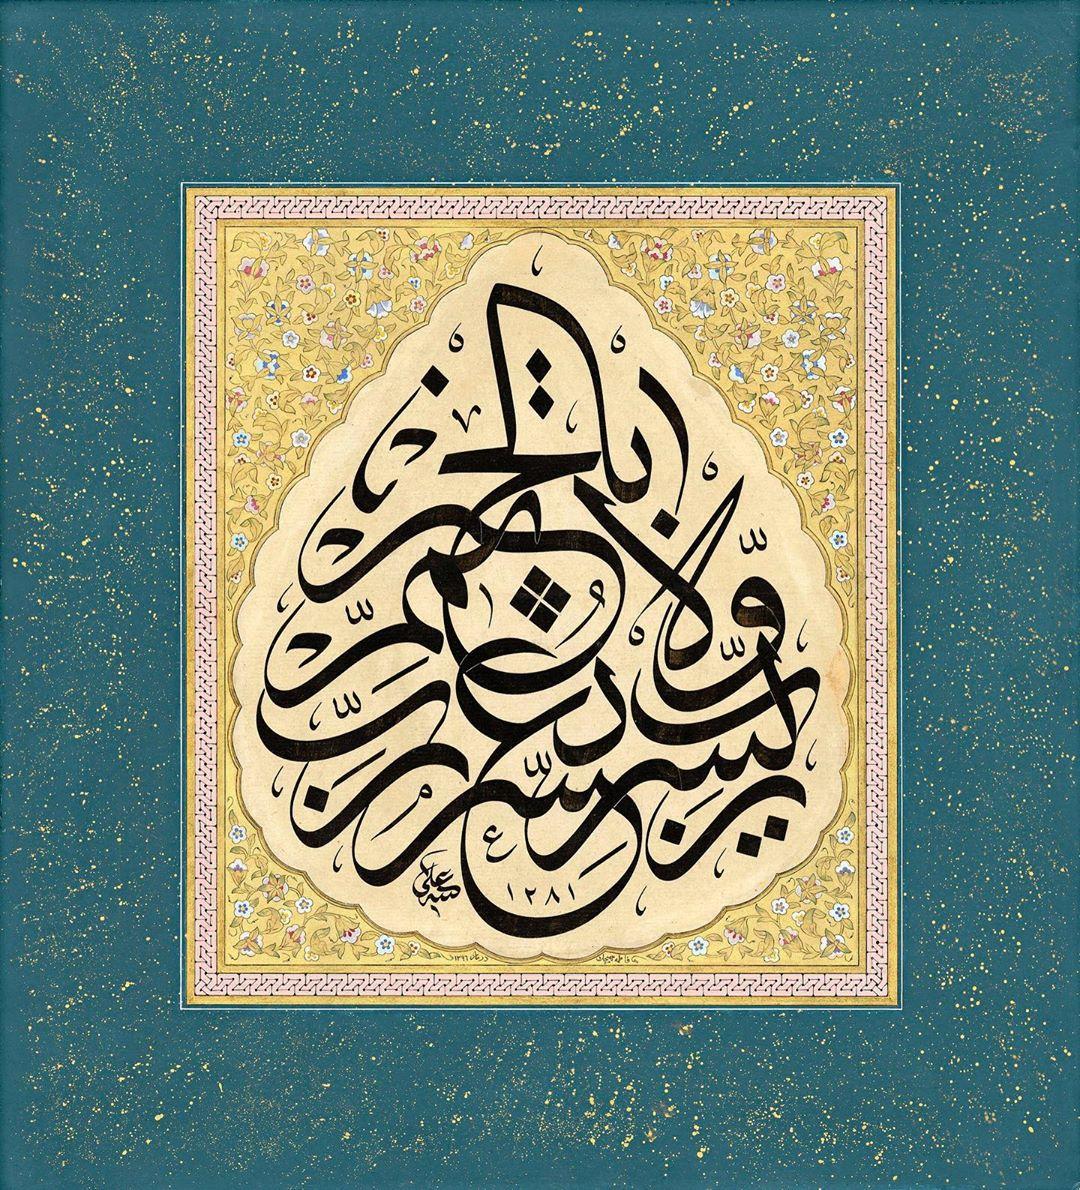 Apk Website For Arabic Calligraphy رب يسر و لا تعسر رب تمم بالخير Rabbim! Kolaylaştır, zorlaştırma. Rabbim! Hayırlı... 938 1